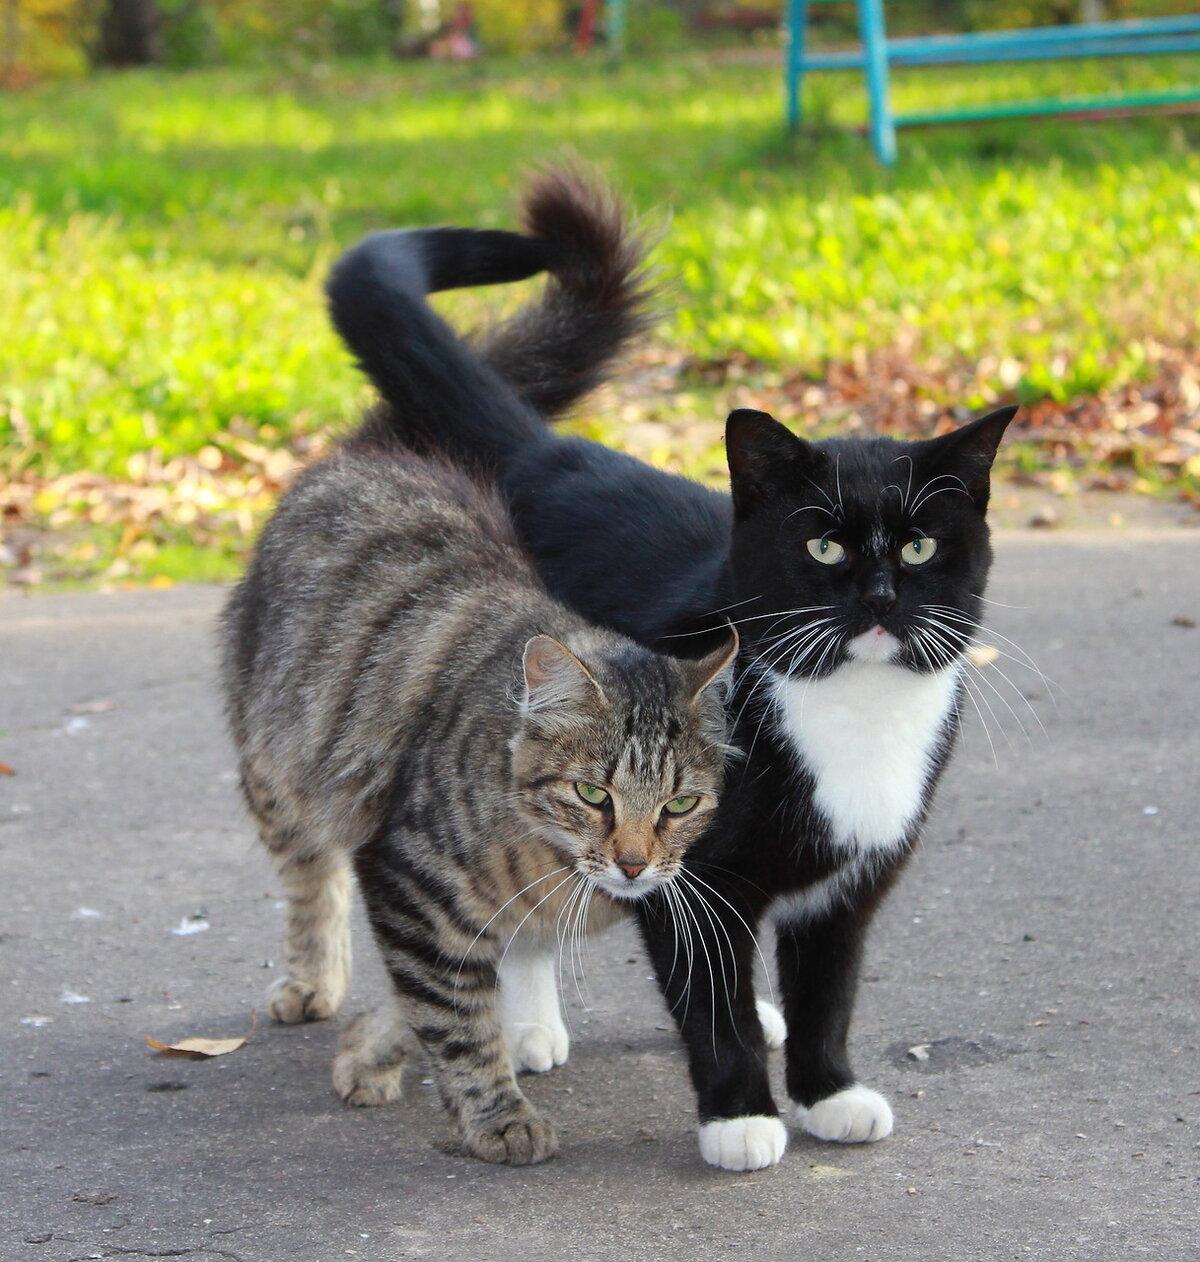 Кот и кошка картинки любовь, благодарностью спасибо